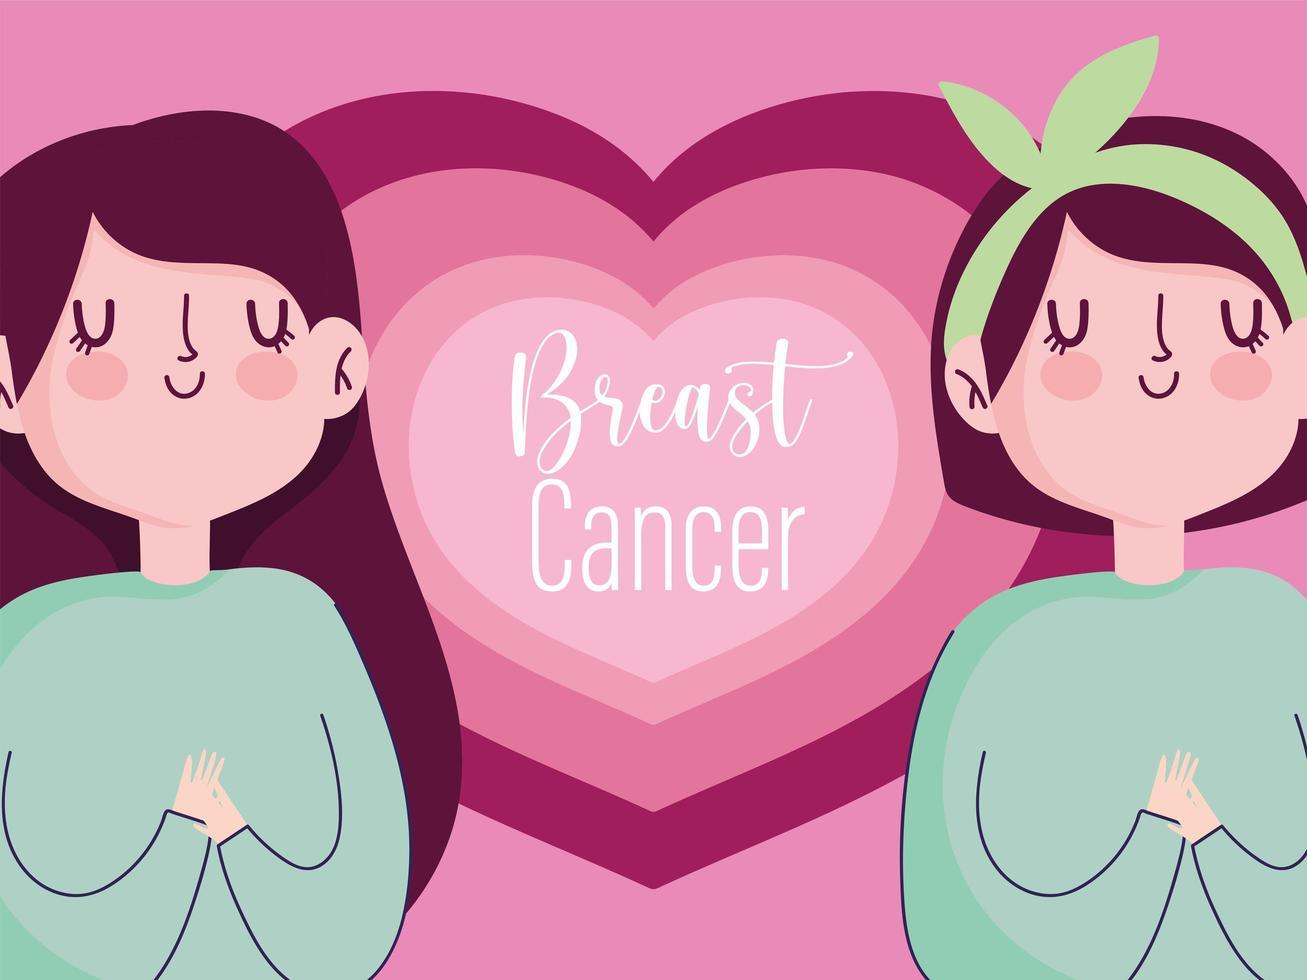 campagne de dessin animé pour la santé et la vie des femmes vecteur